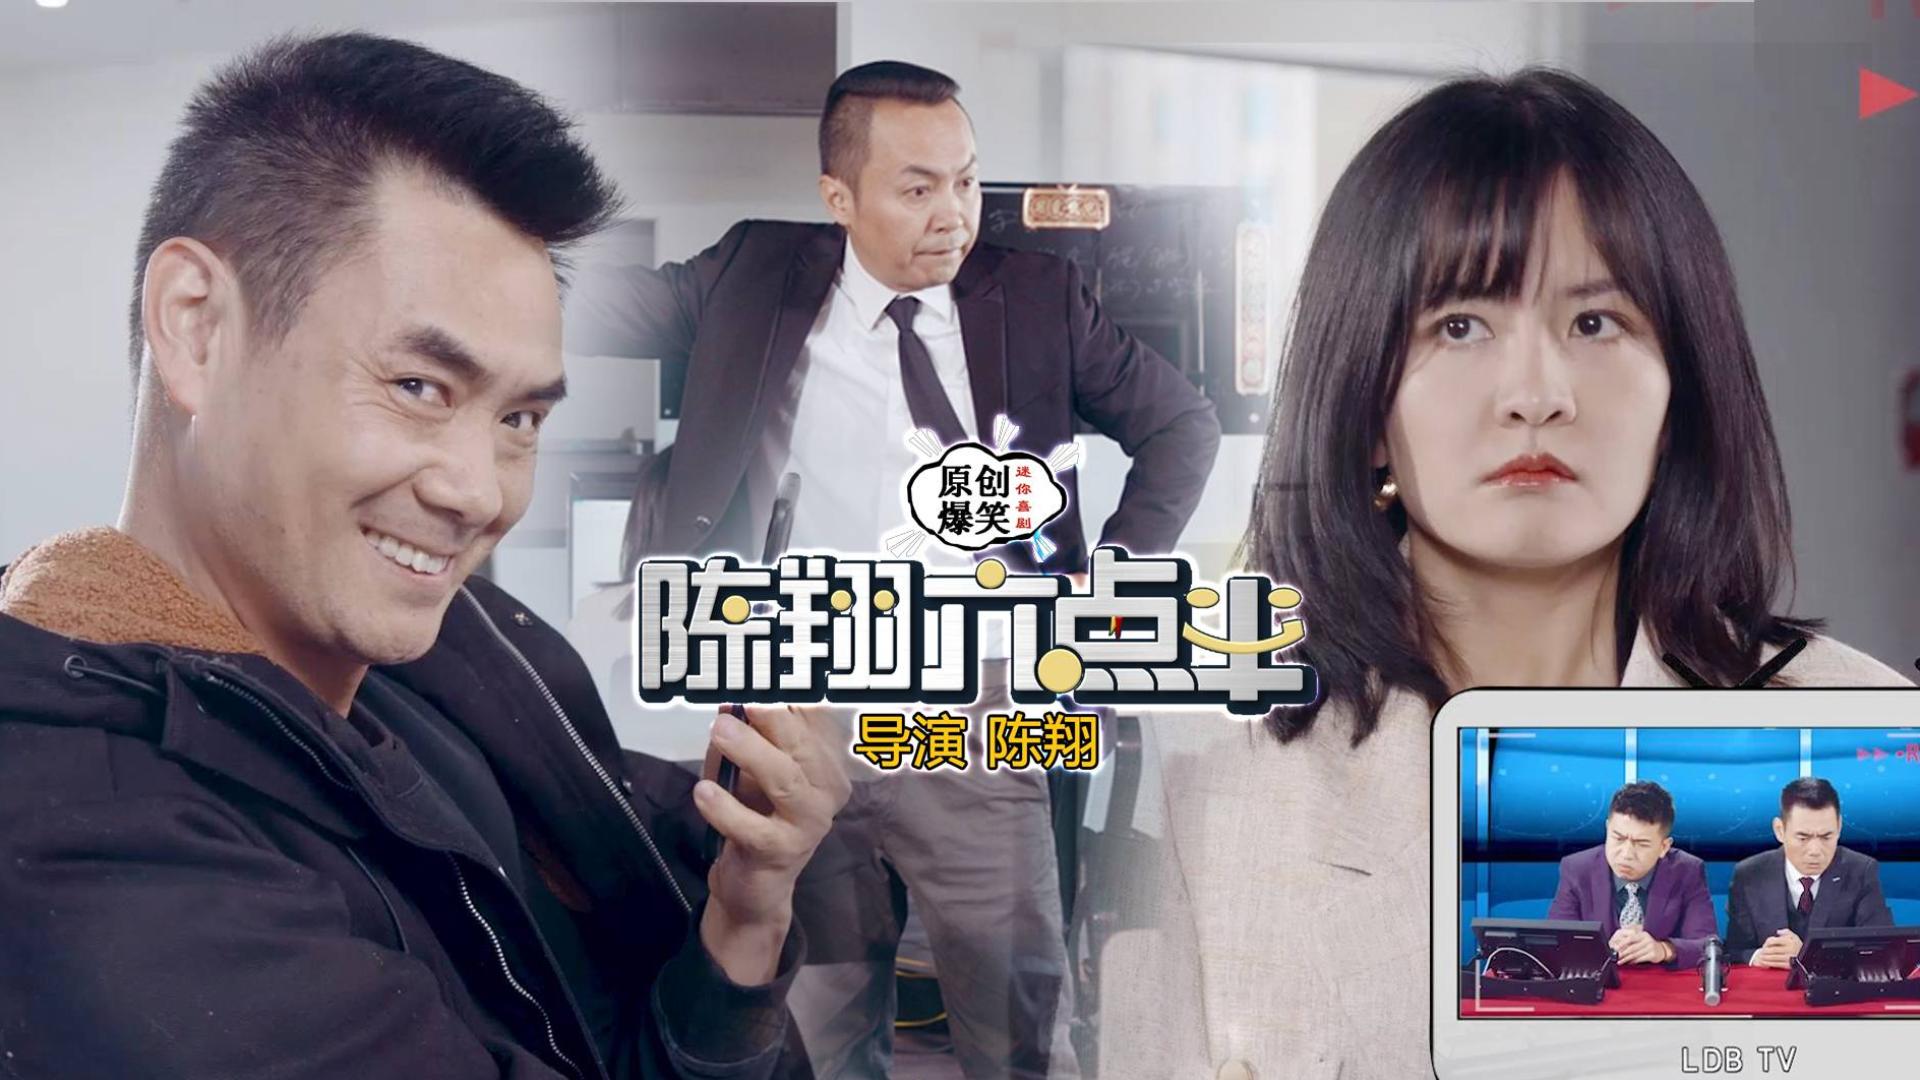 《陈翔六点半》第254集 办公室开始奇葩比赛,偷懒多的赢大奖!